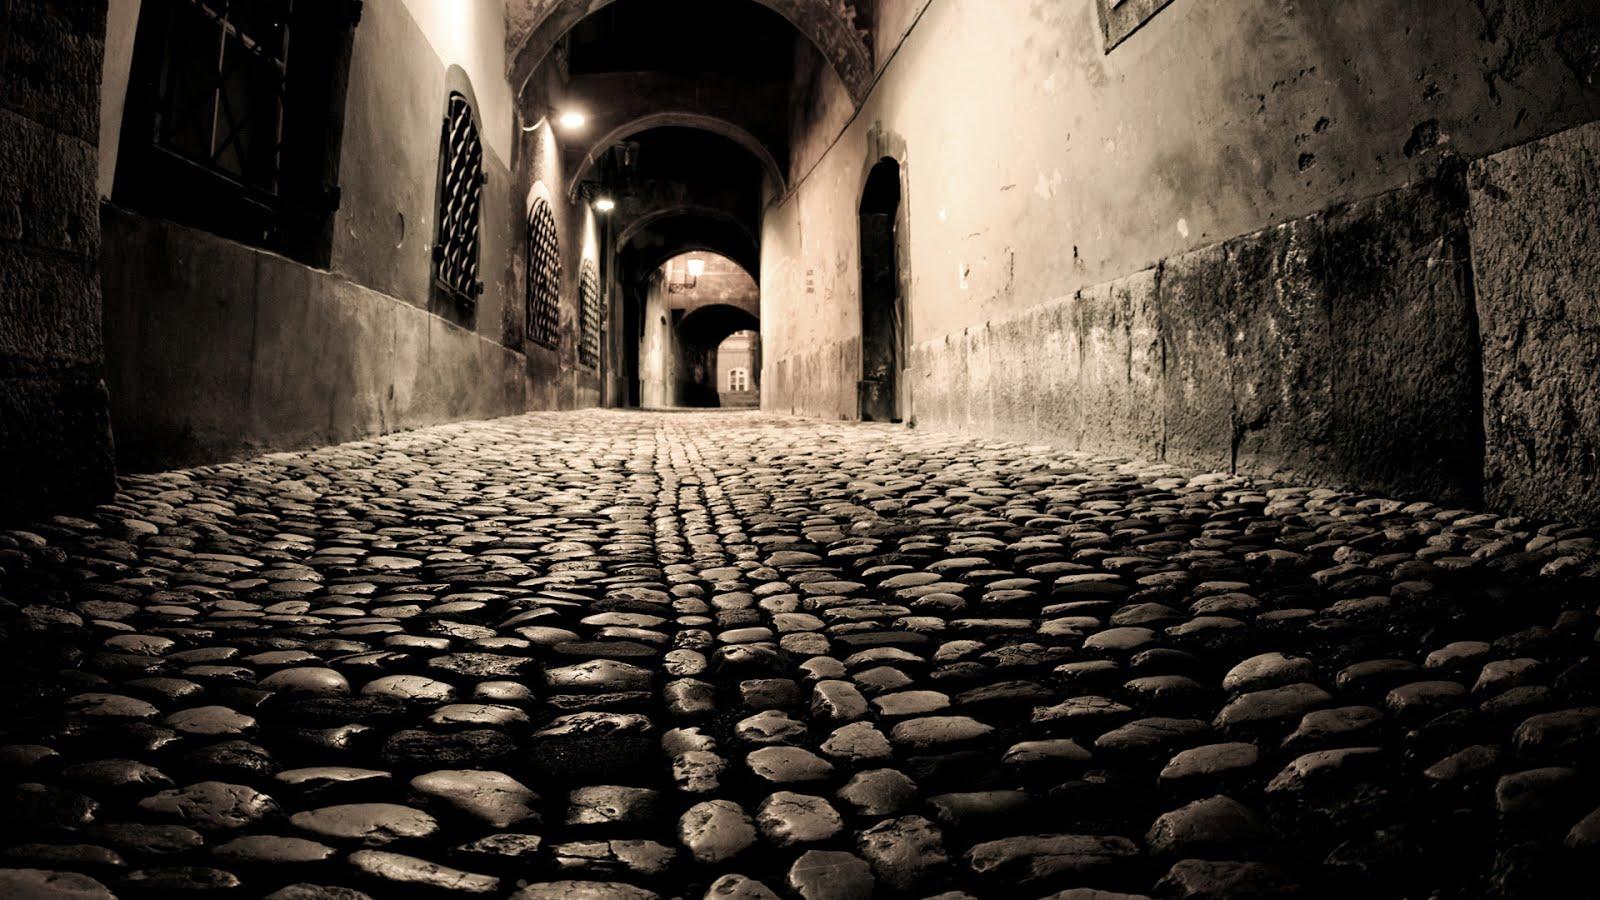 Vista de un callejón oscuro en Puebla